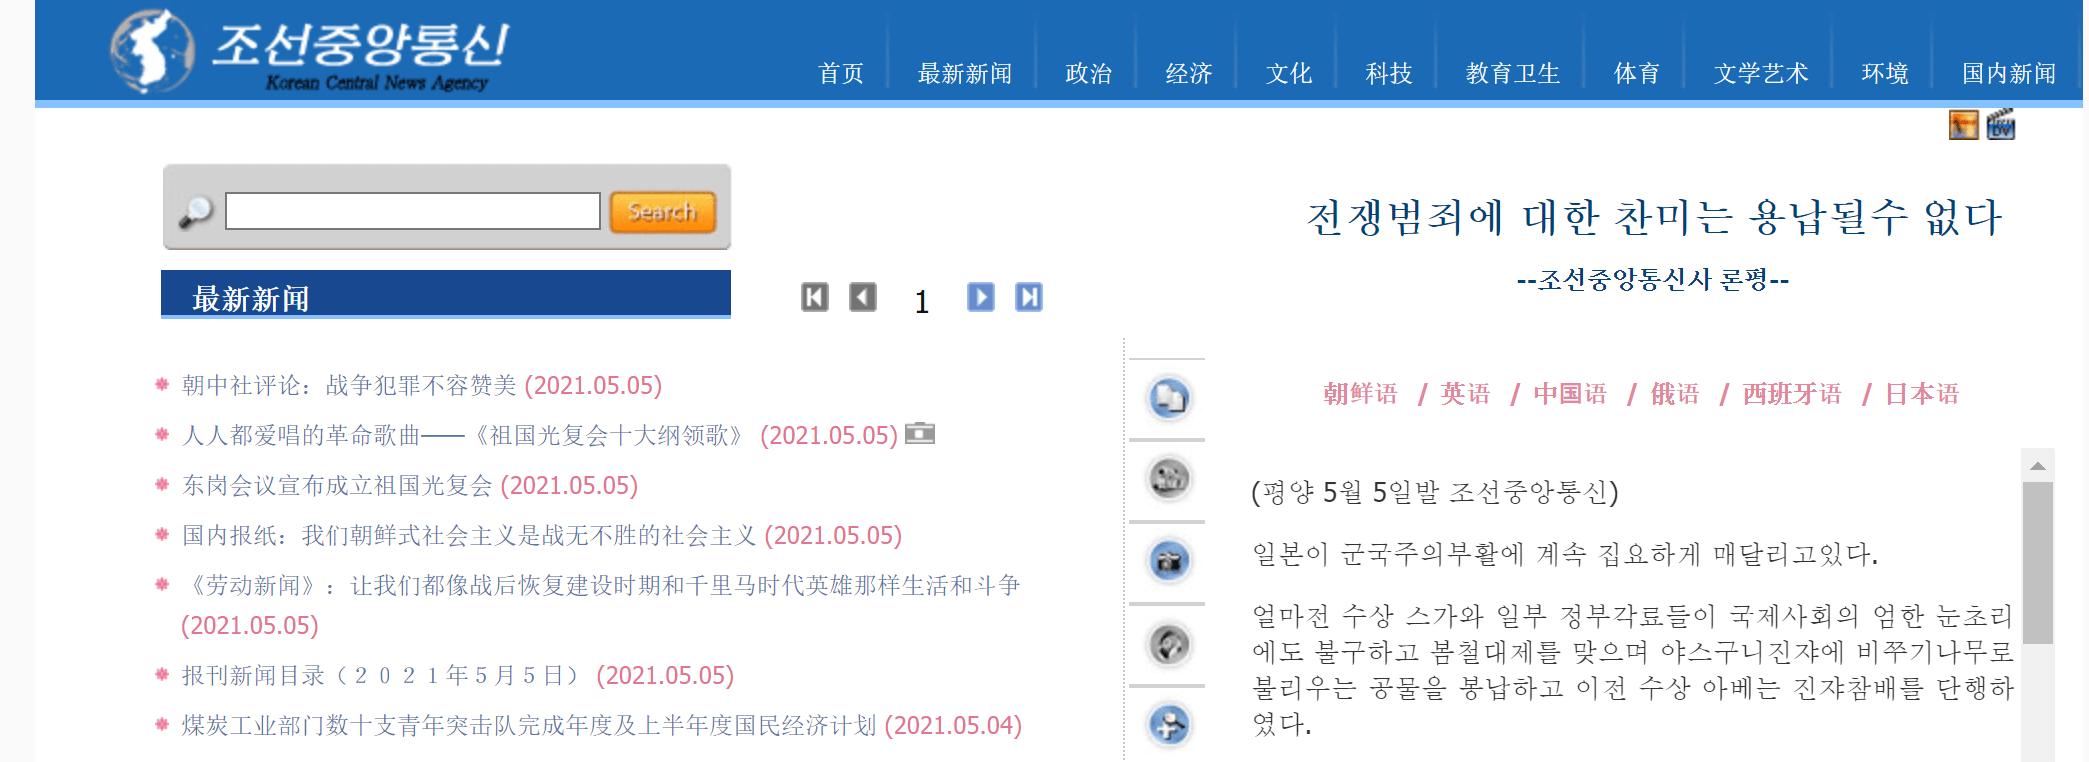 盛图注册朝鲜痛批日本:依然迷恋于军国主义复活活动